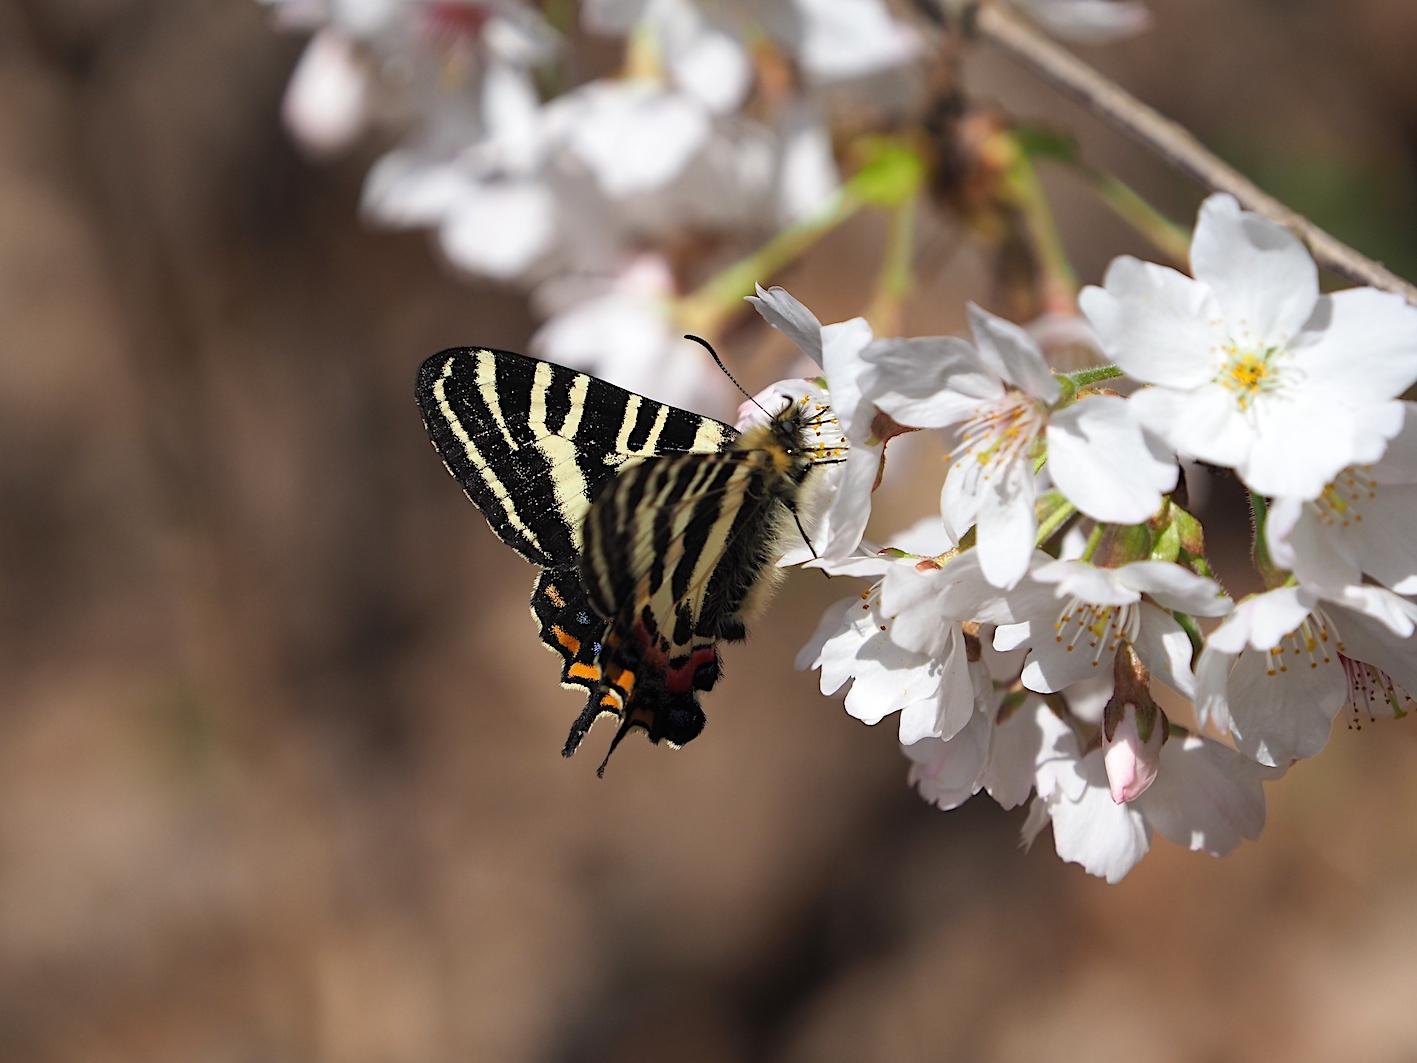 春の女神ギフチョウ、卵も撮れた午前の部(2020年3月31日)_d0303129_02585426.jpg